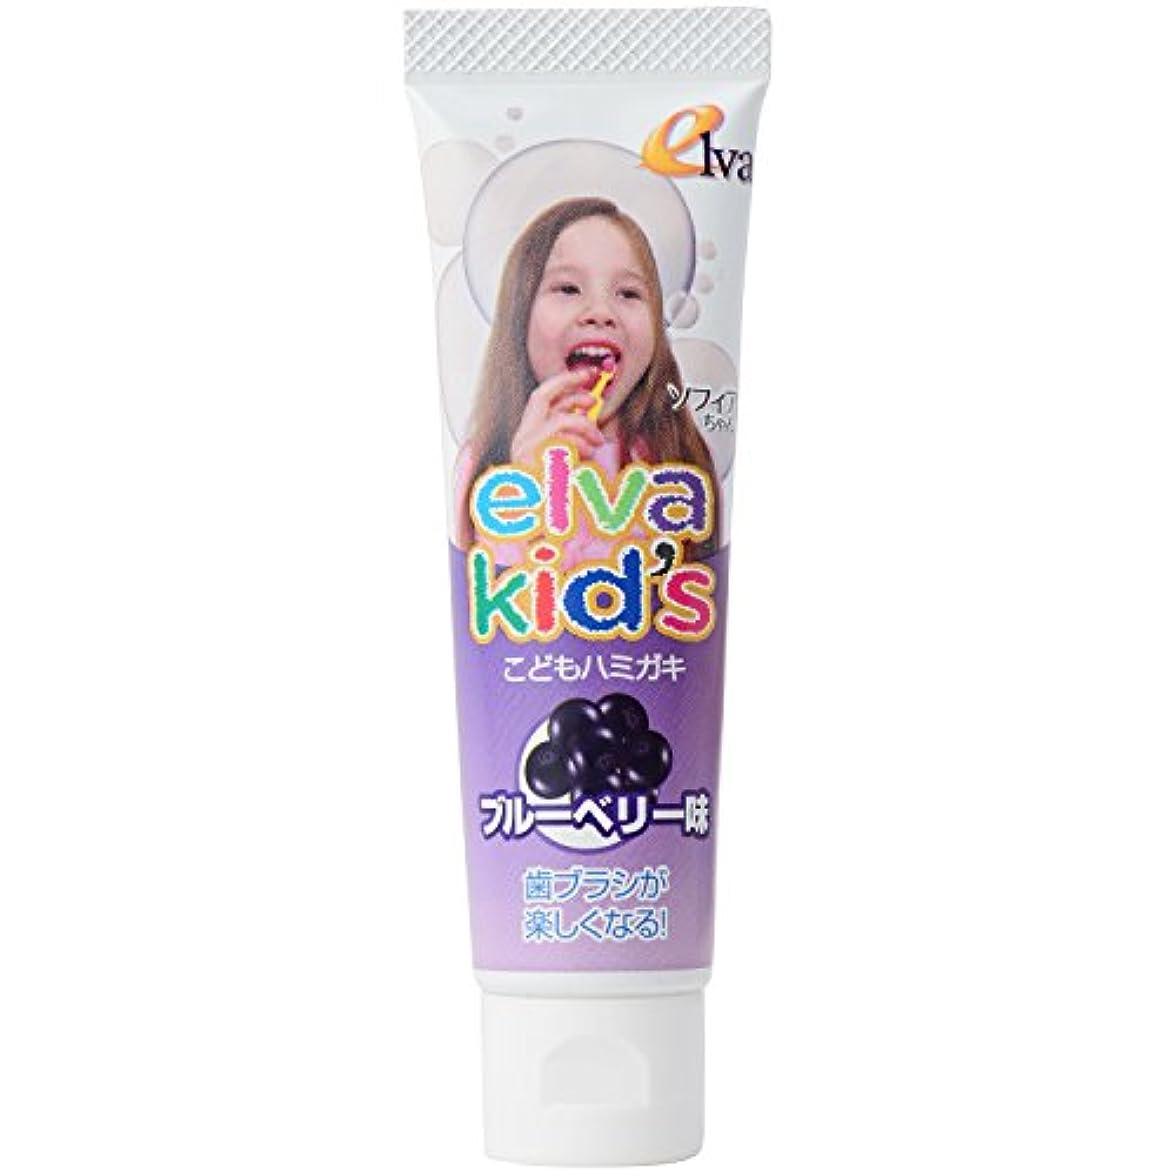 抽象化出口キルトエルバキッズ お母さんも安心のこだわりの歯磨き粉 フッ素なし ブルーベリー味 2個セット